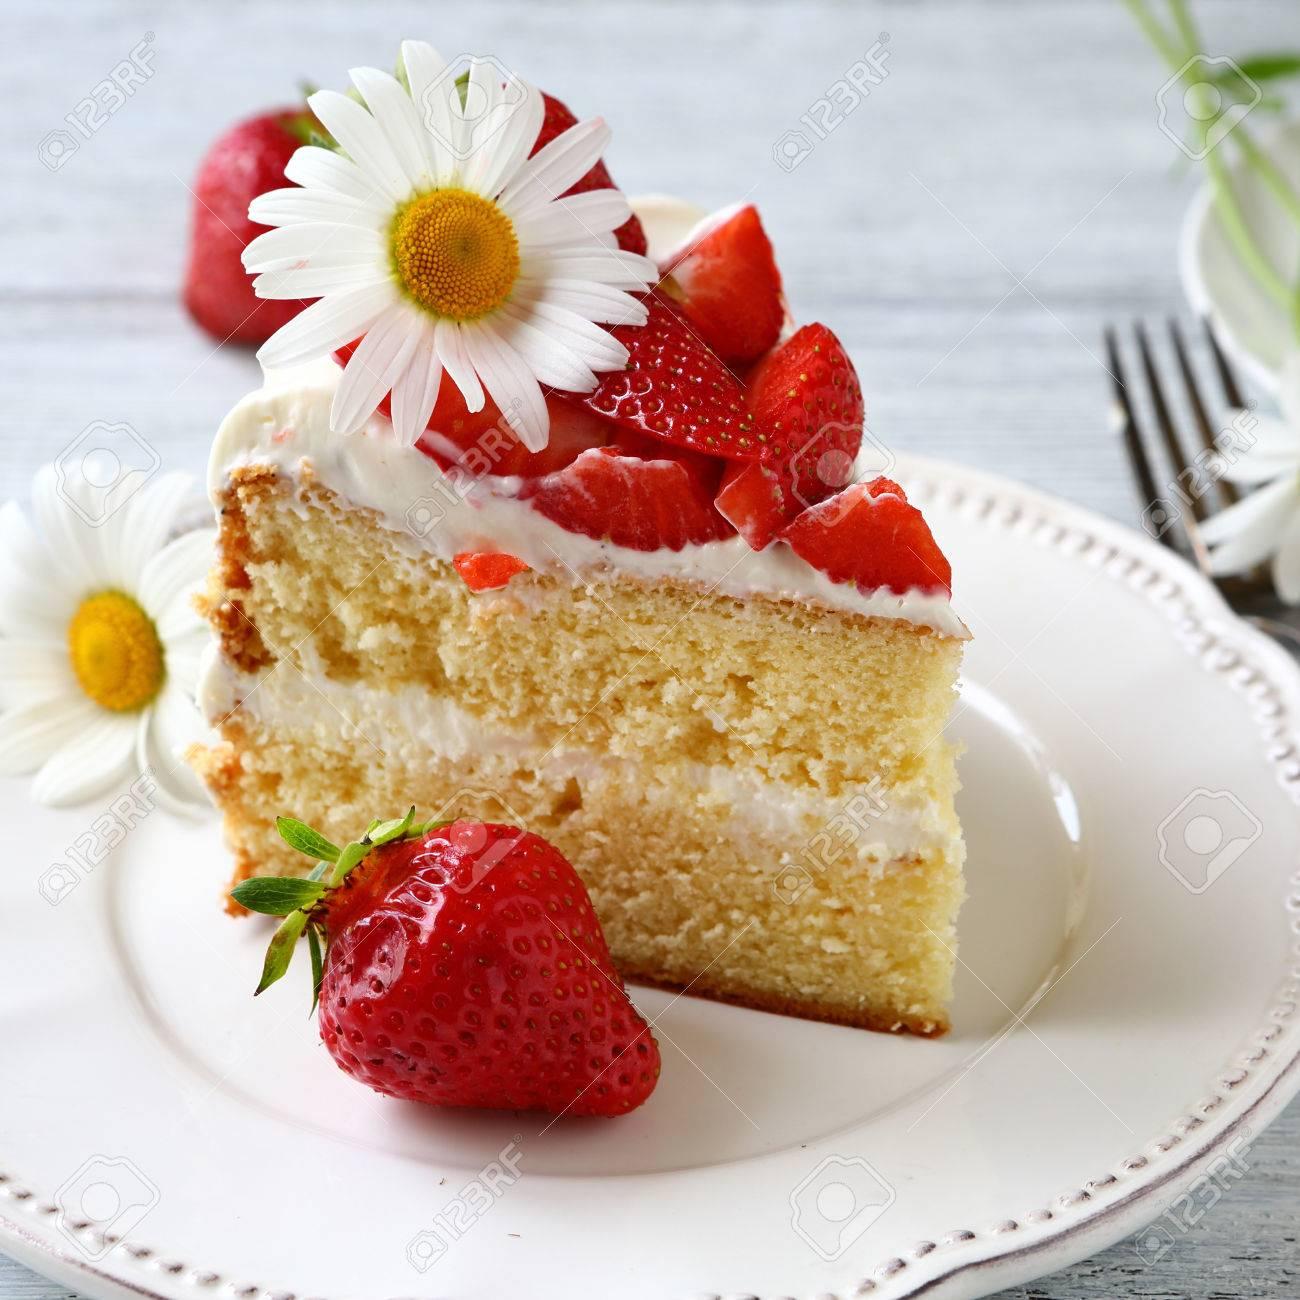 Tasty Stuck Sommer Kuchen Lebensmittel Lizenzfreie Fotos Bilder